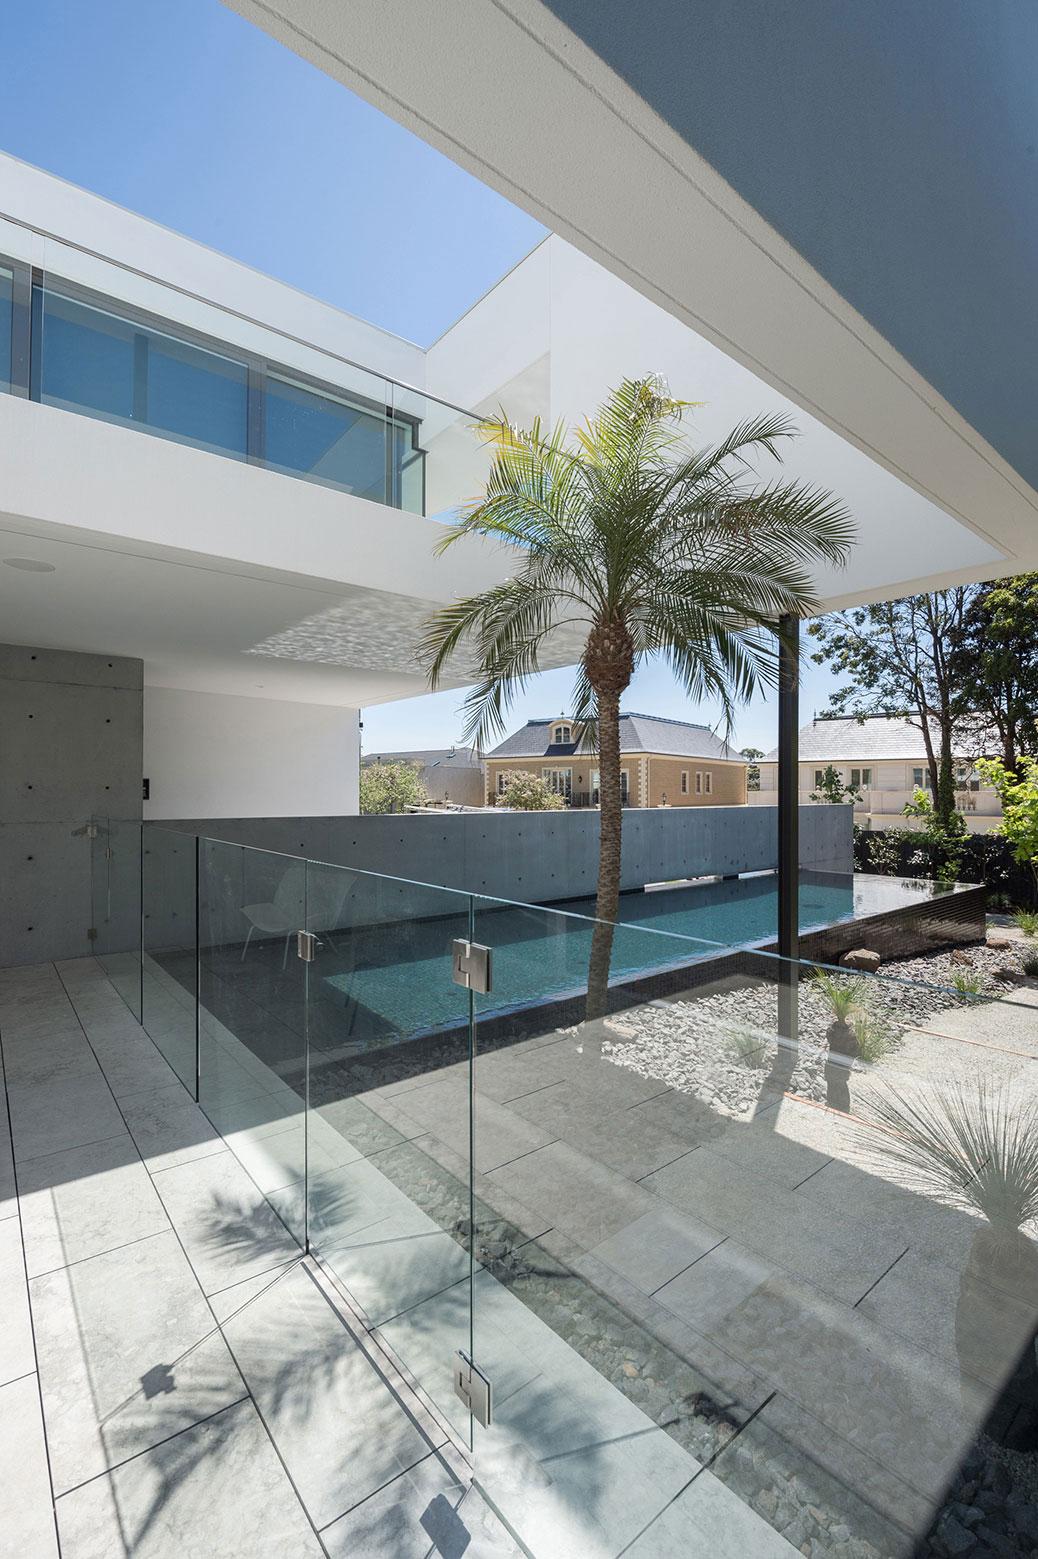 Ett riktigt fantastiskt hus-som-är-Boandyne-hus-3 Ett riktigt fantastiskt hus som är Boandyne-hus